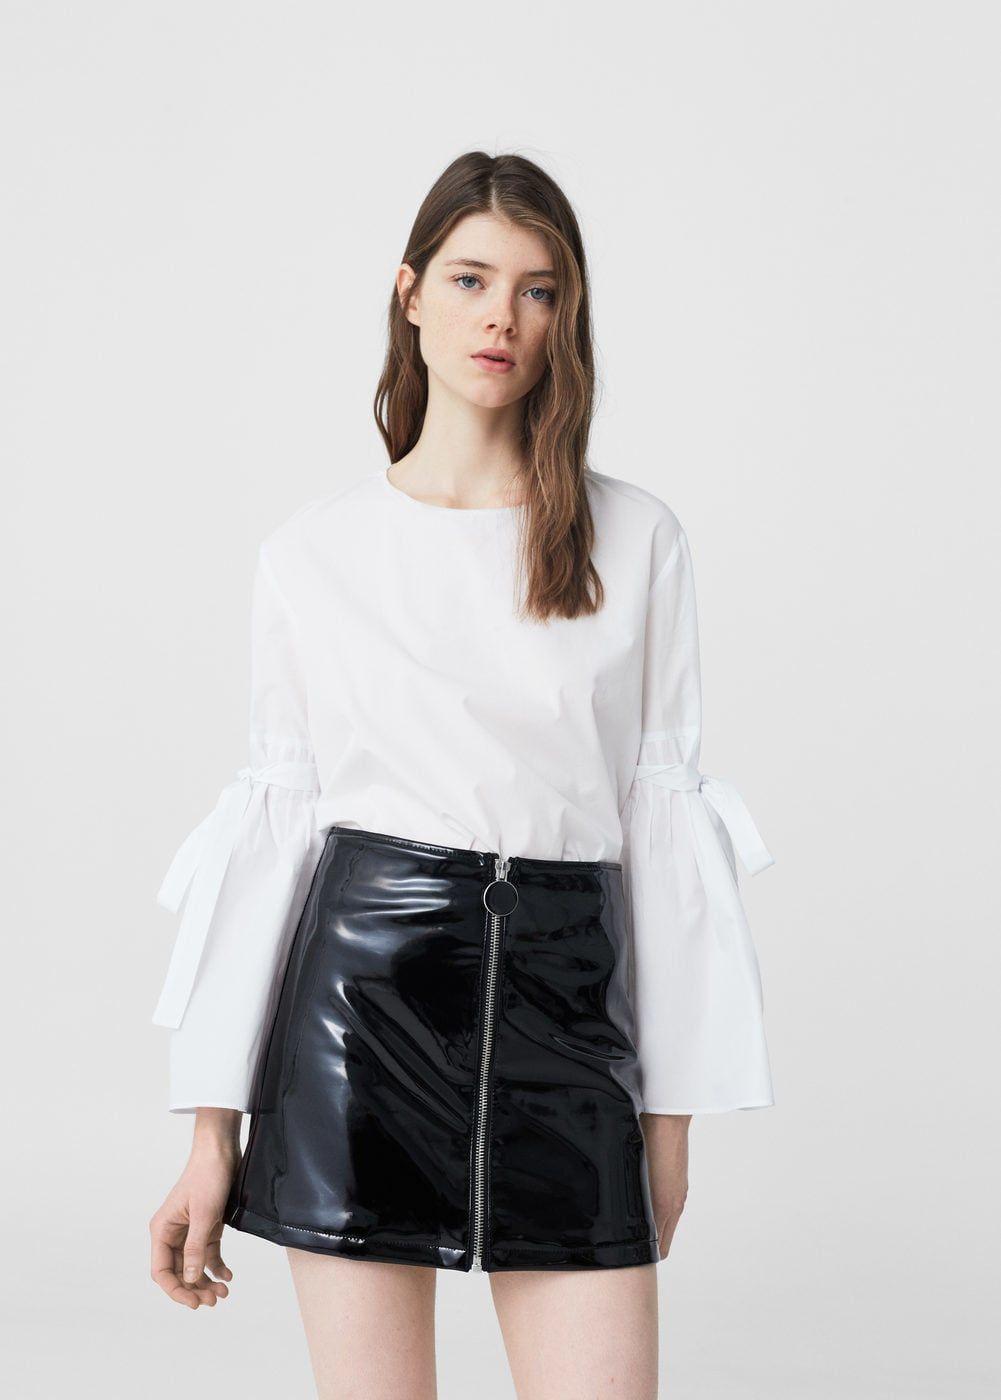 Falda vinilo - Faldas de Mujer  79d3f80efb6e